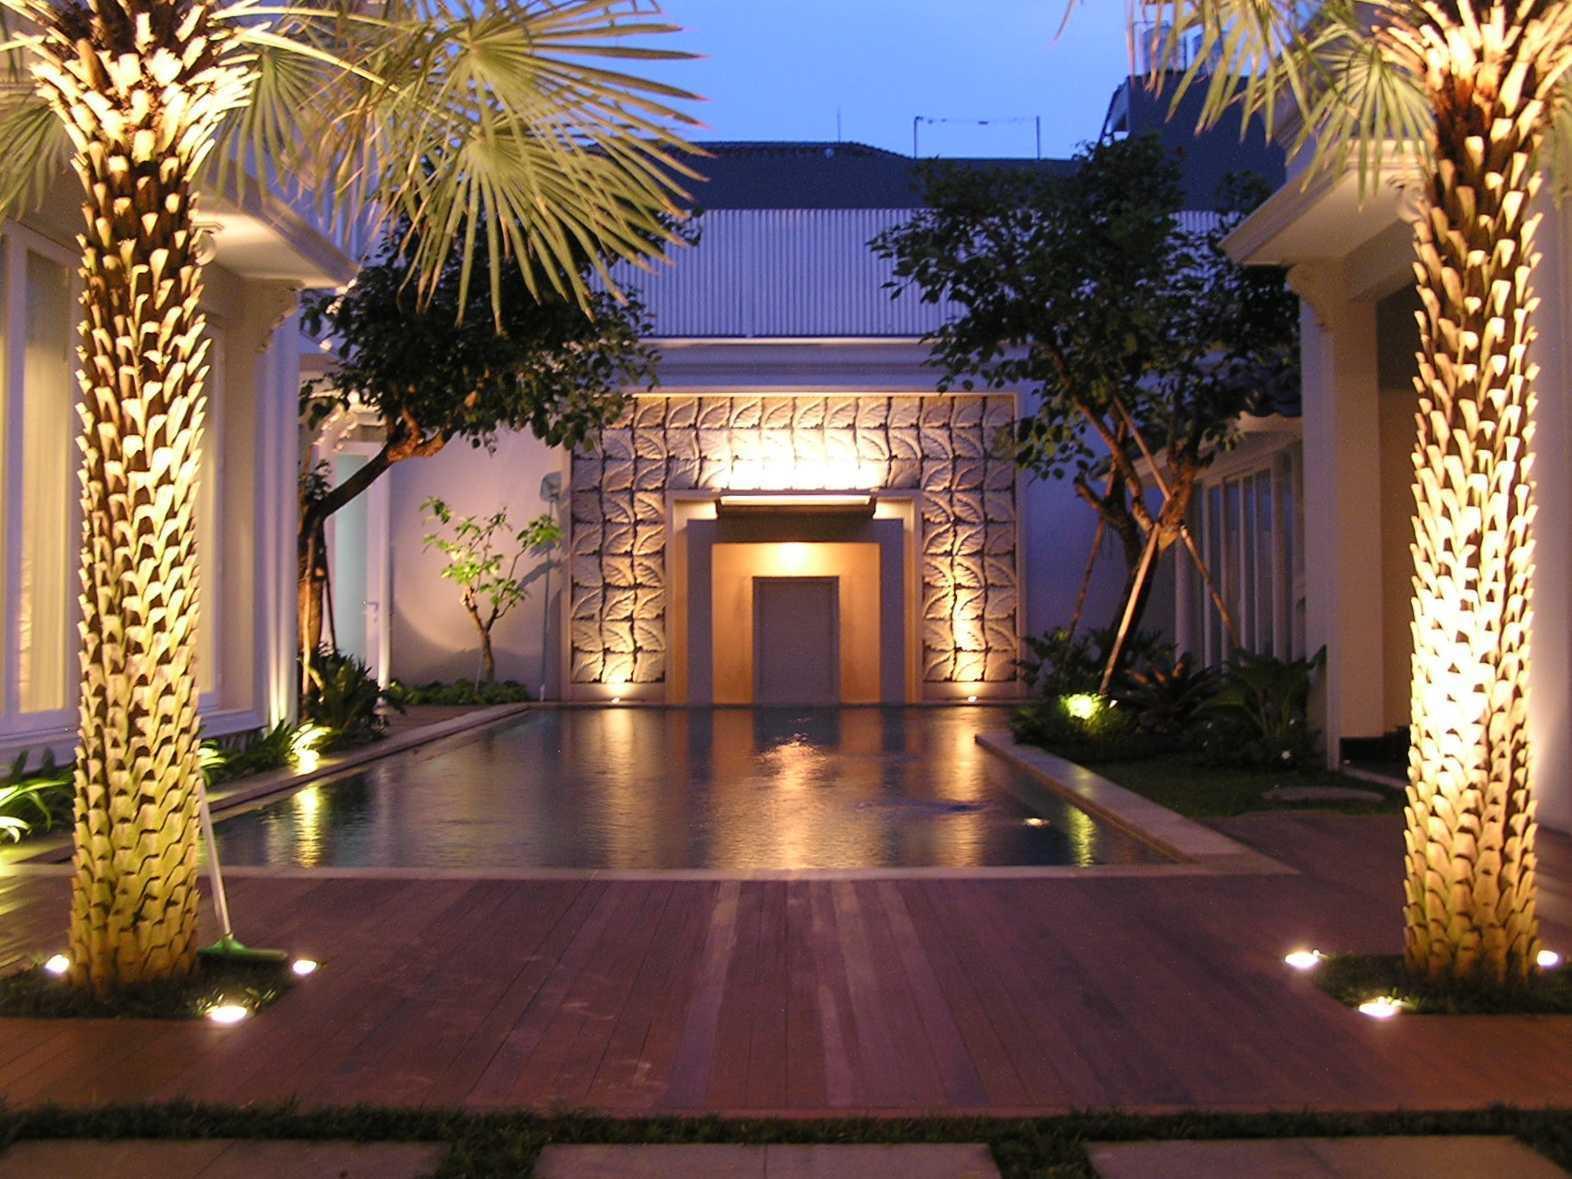 Pt. Garisprada Pondok Indah Residence Pondok Pinang, Kebayoran Lama, South Jakarta City, Jakarta, Indonesia Pondok Indah Swimming Pool Modern  21885